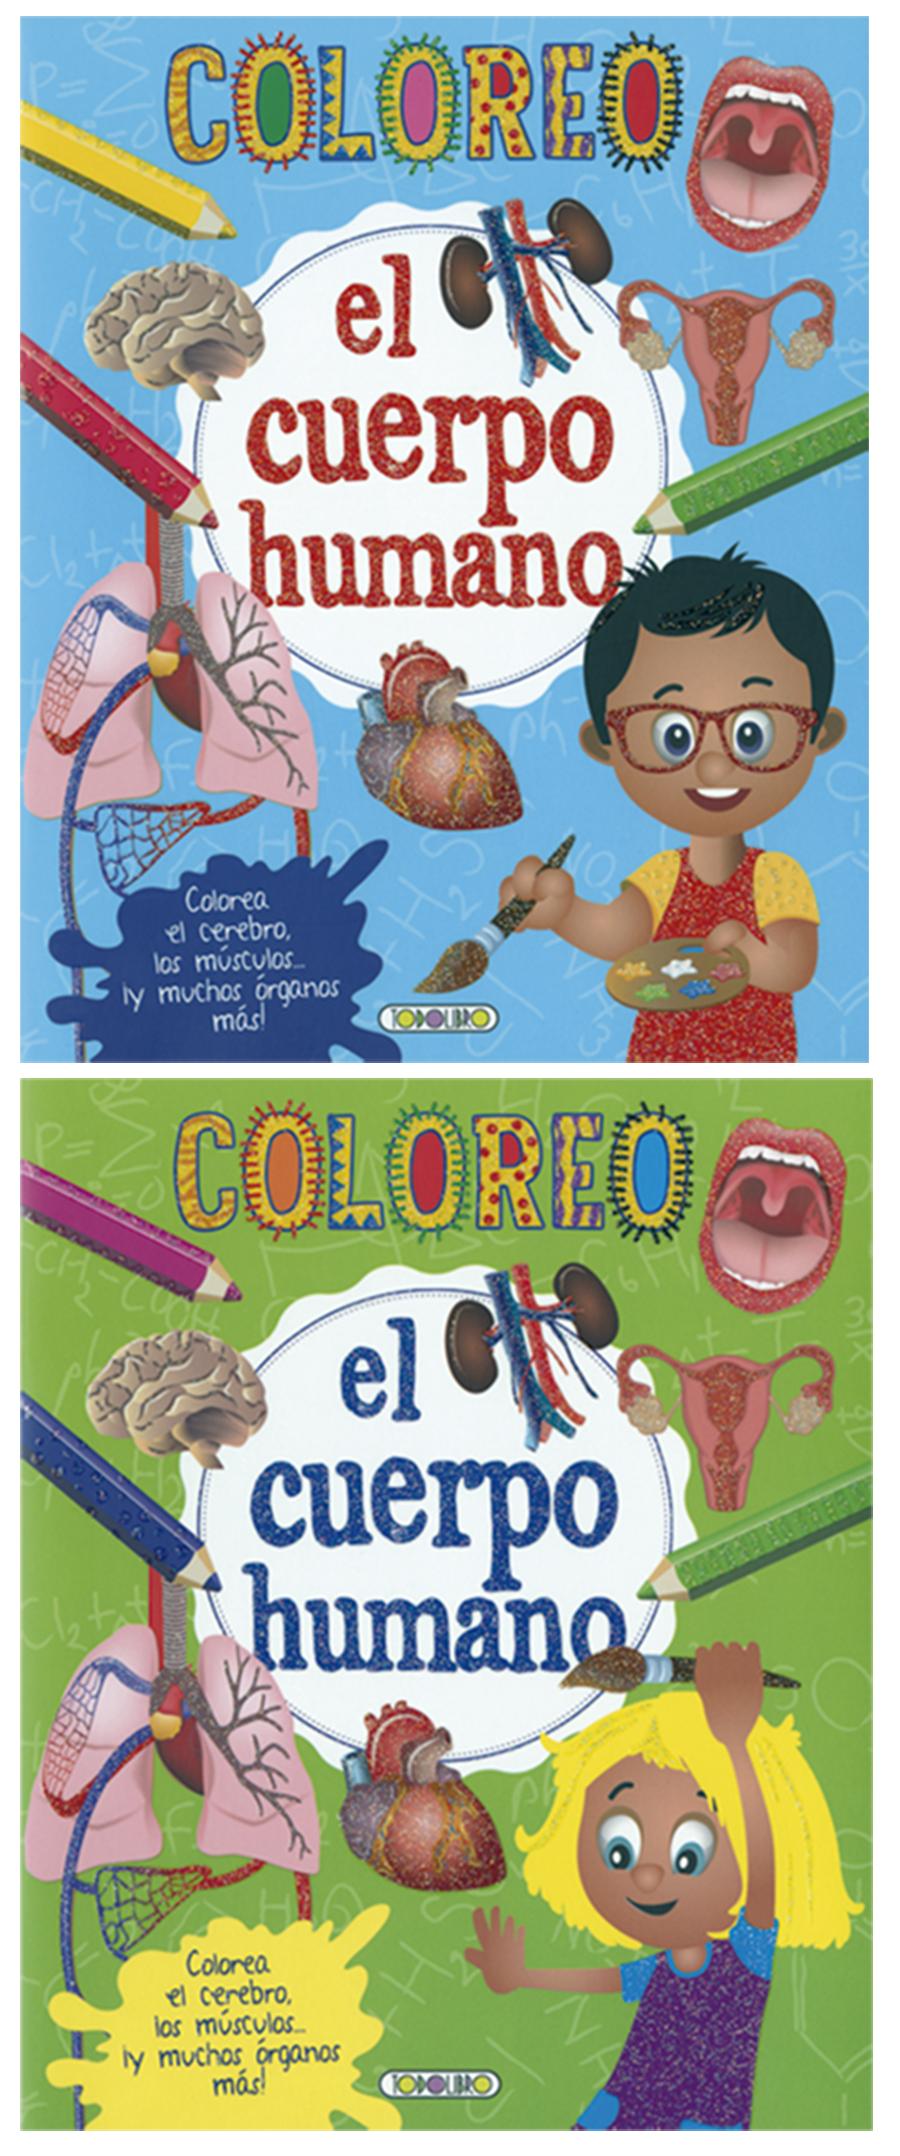 Coloreo el cuerpo humano (2 títulos)